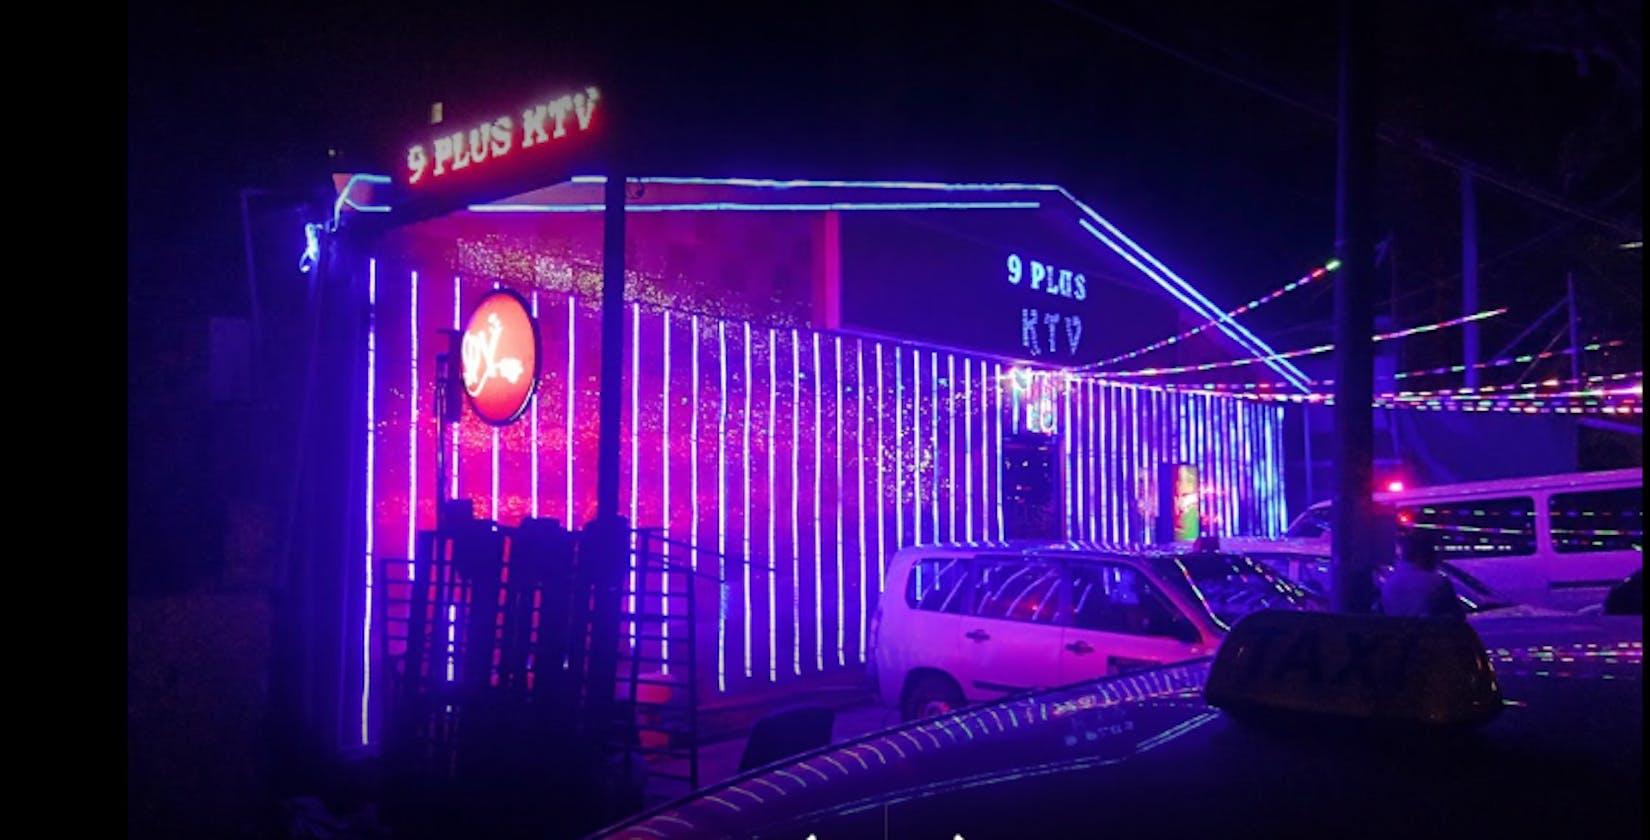 9 Plus KTV Karaoke Bar | yathar